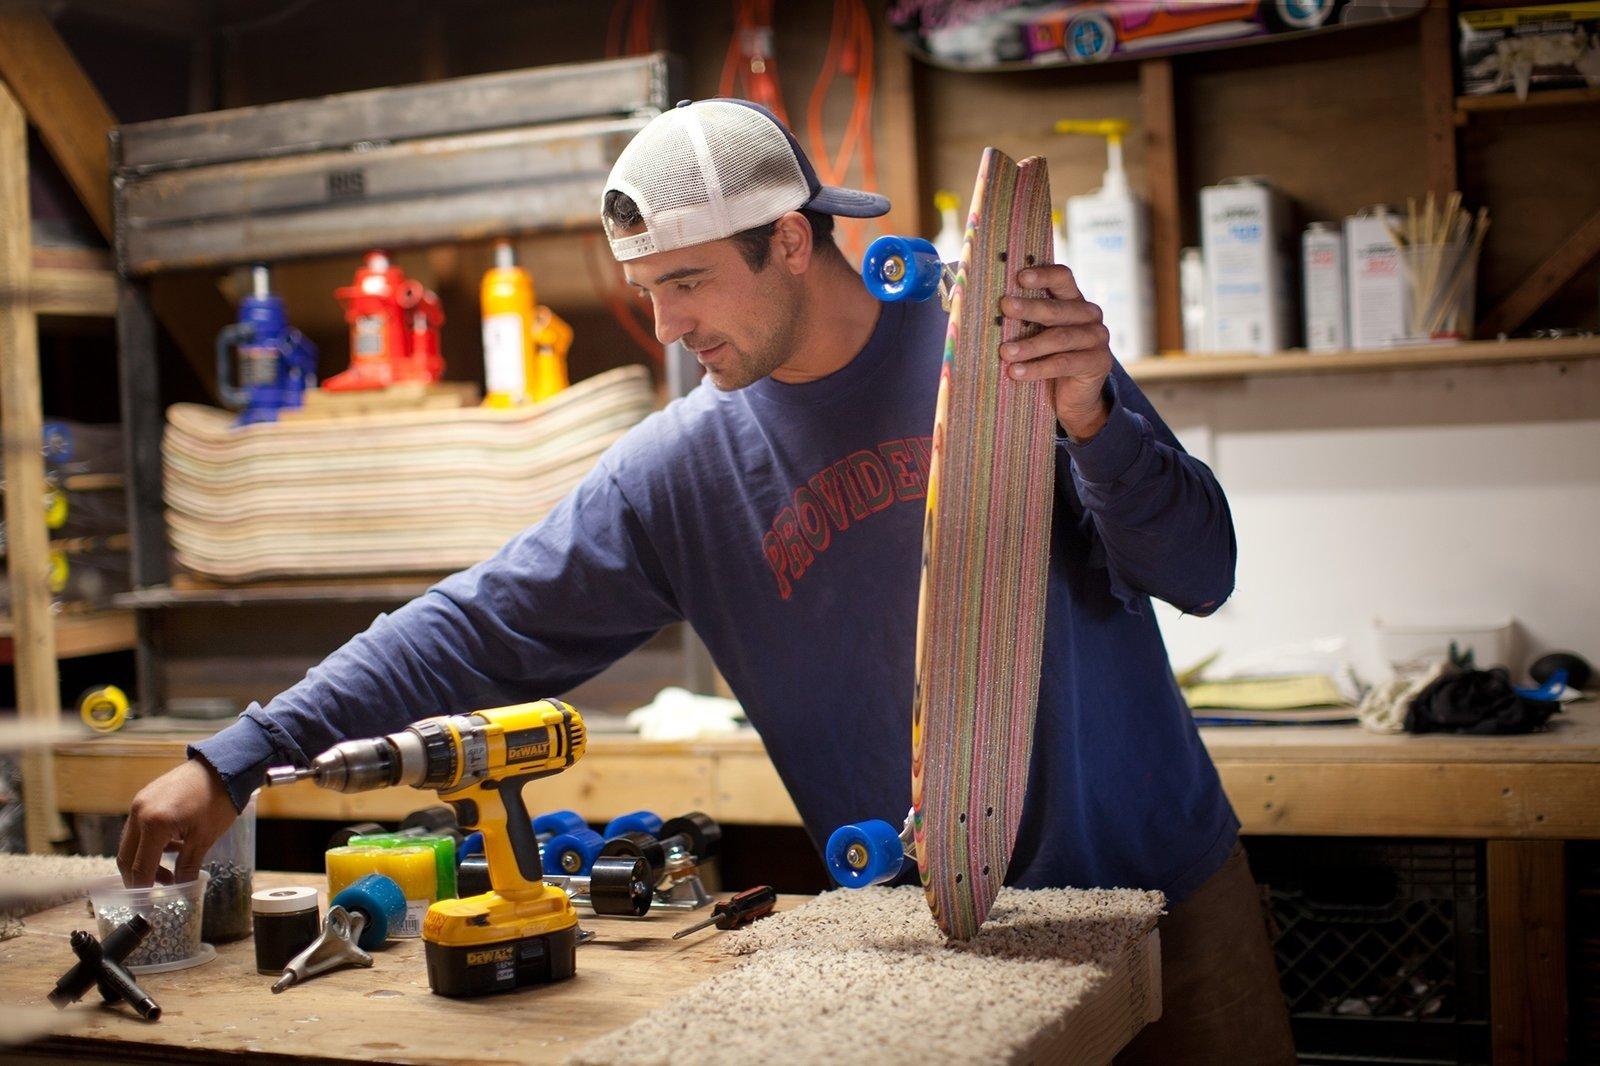 Photo 2 of 7 in IRIS Skateboards